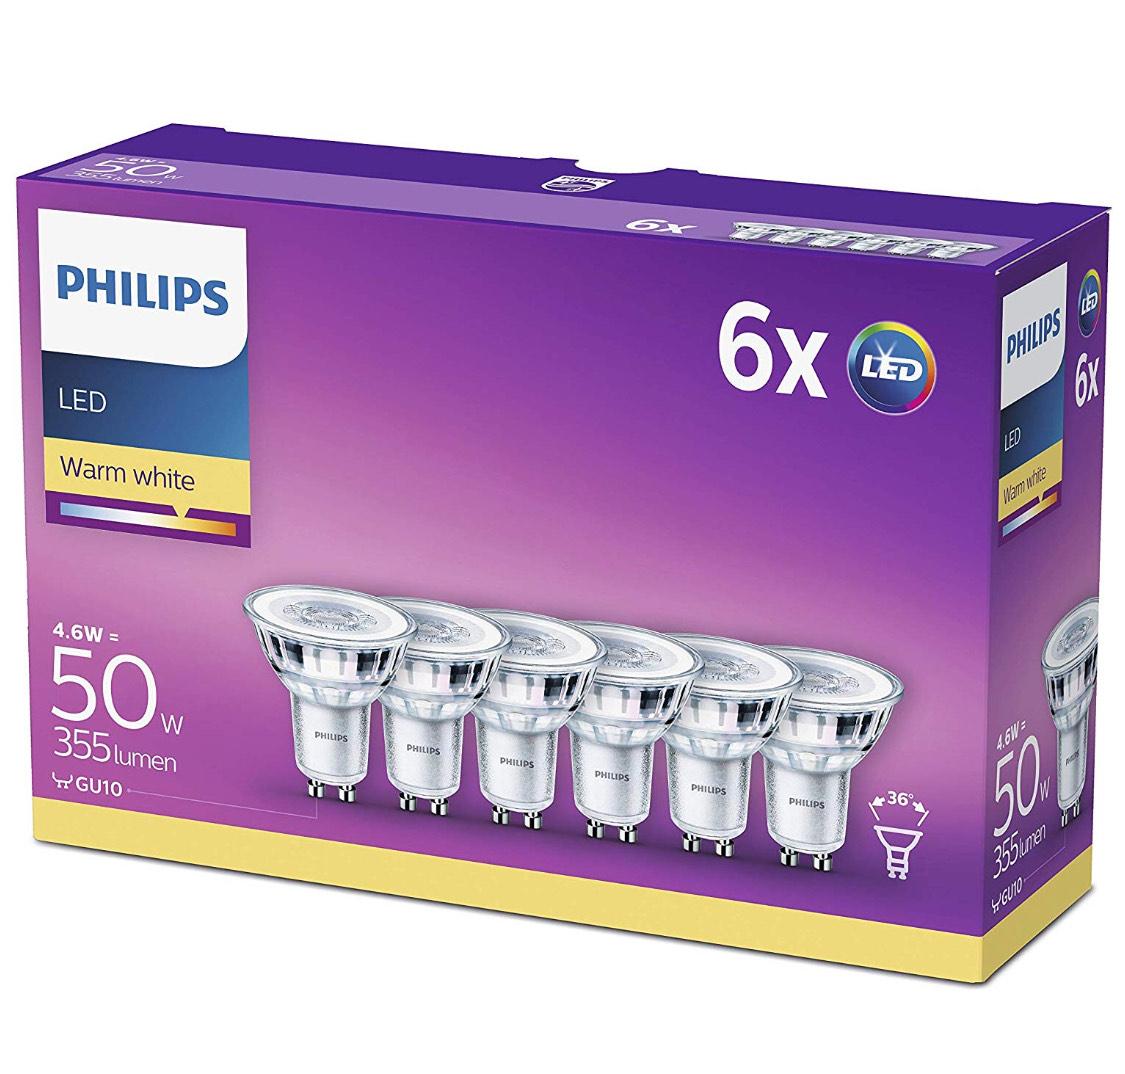 Pack de 6 Philips Bombillas LED GU10 Cristal, 4.6 W